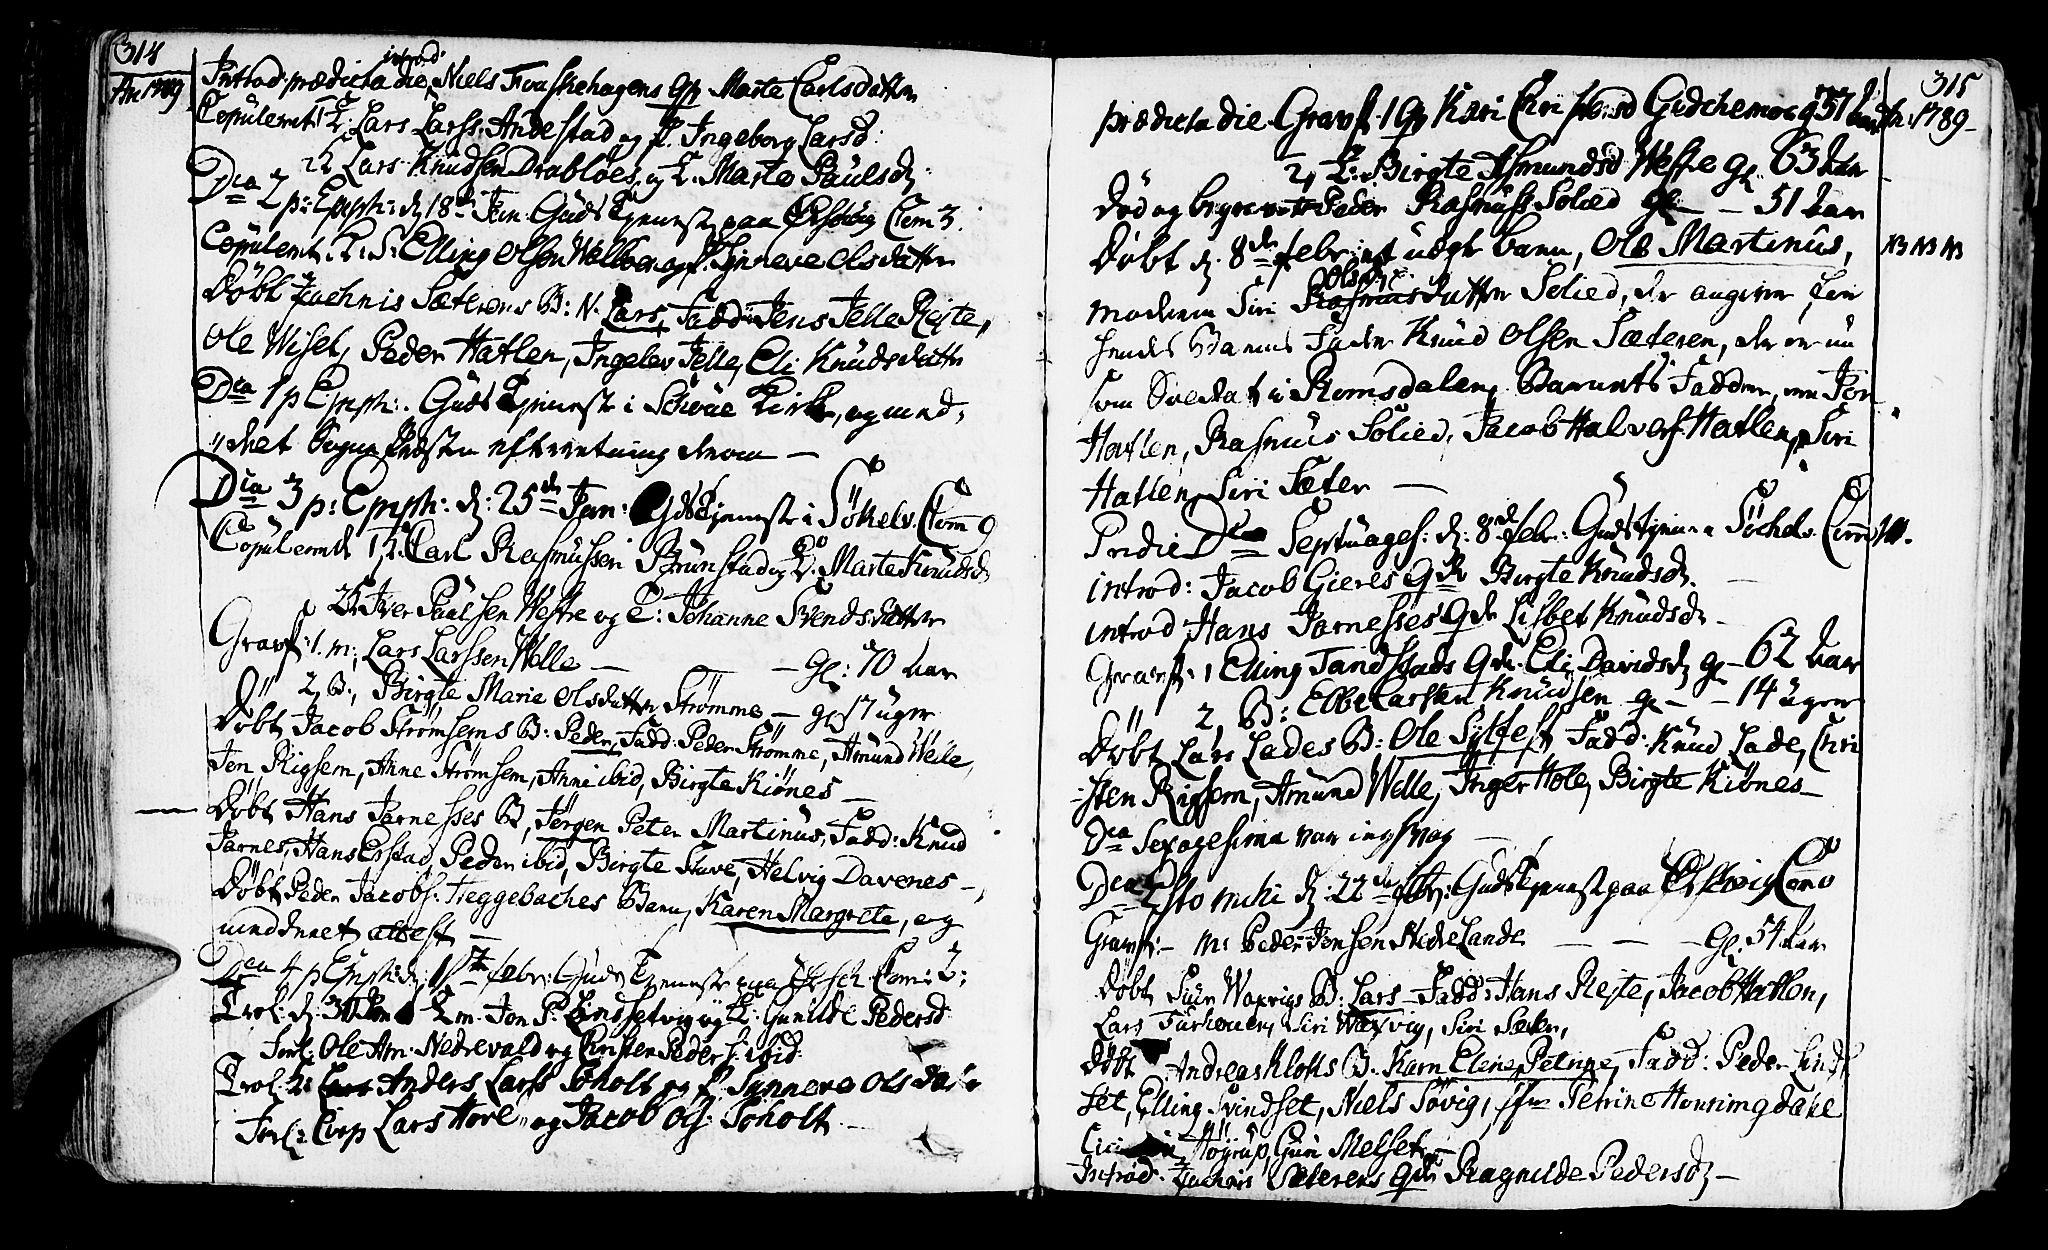 SAT, Ministerialprotokoller, klokkerbøker og fødselsregistre - Møre og Romsdal, 522/L0308: Ministerialbok nr. 522A03, 1773-1809, s. 314-315